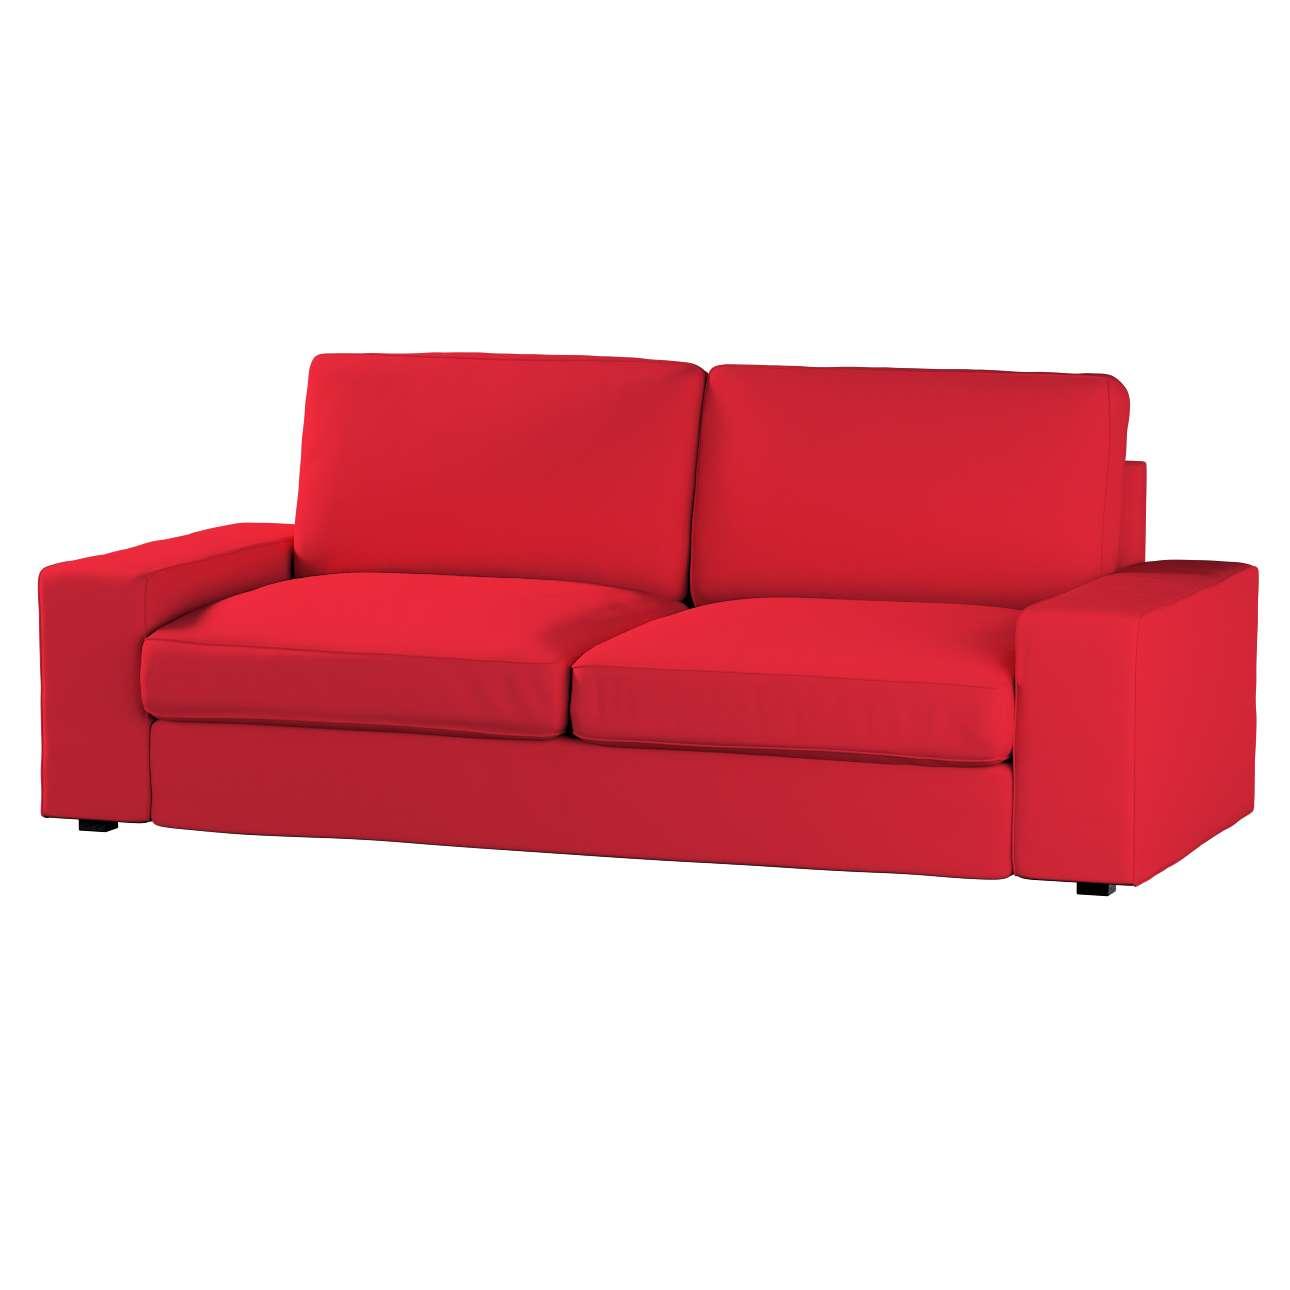 Pokrowiec na sofę Kivik 3-osobową, rozkładaną Sofa Kivik 3-osobowa rozkładana w kolekcji Cotton Panama, tkanina: 702-04